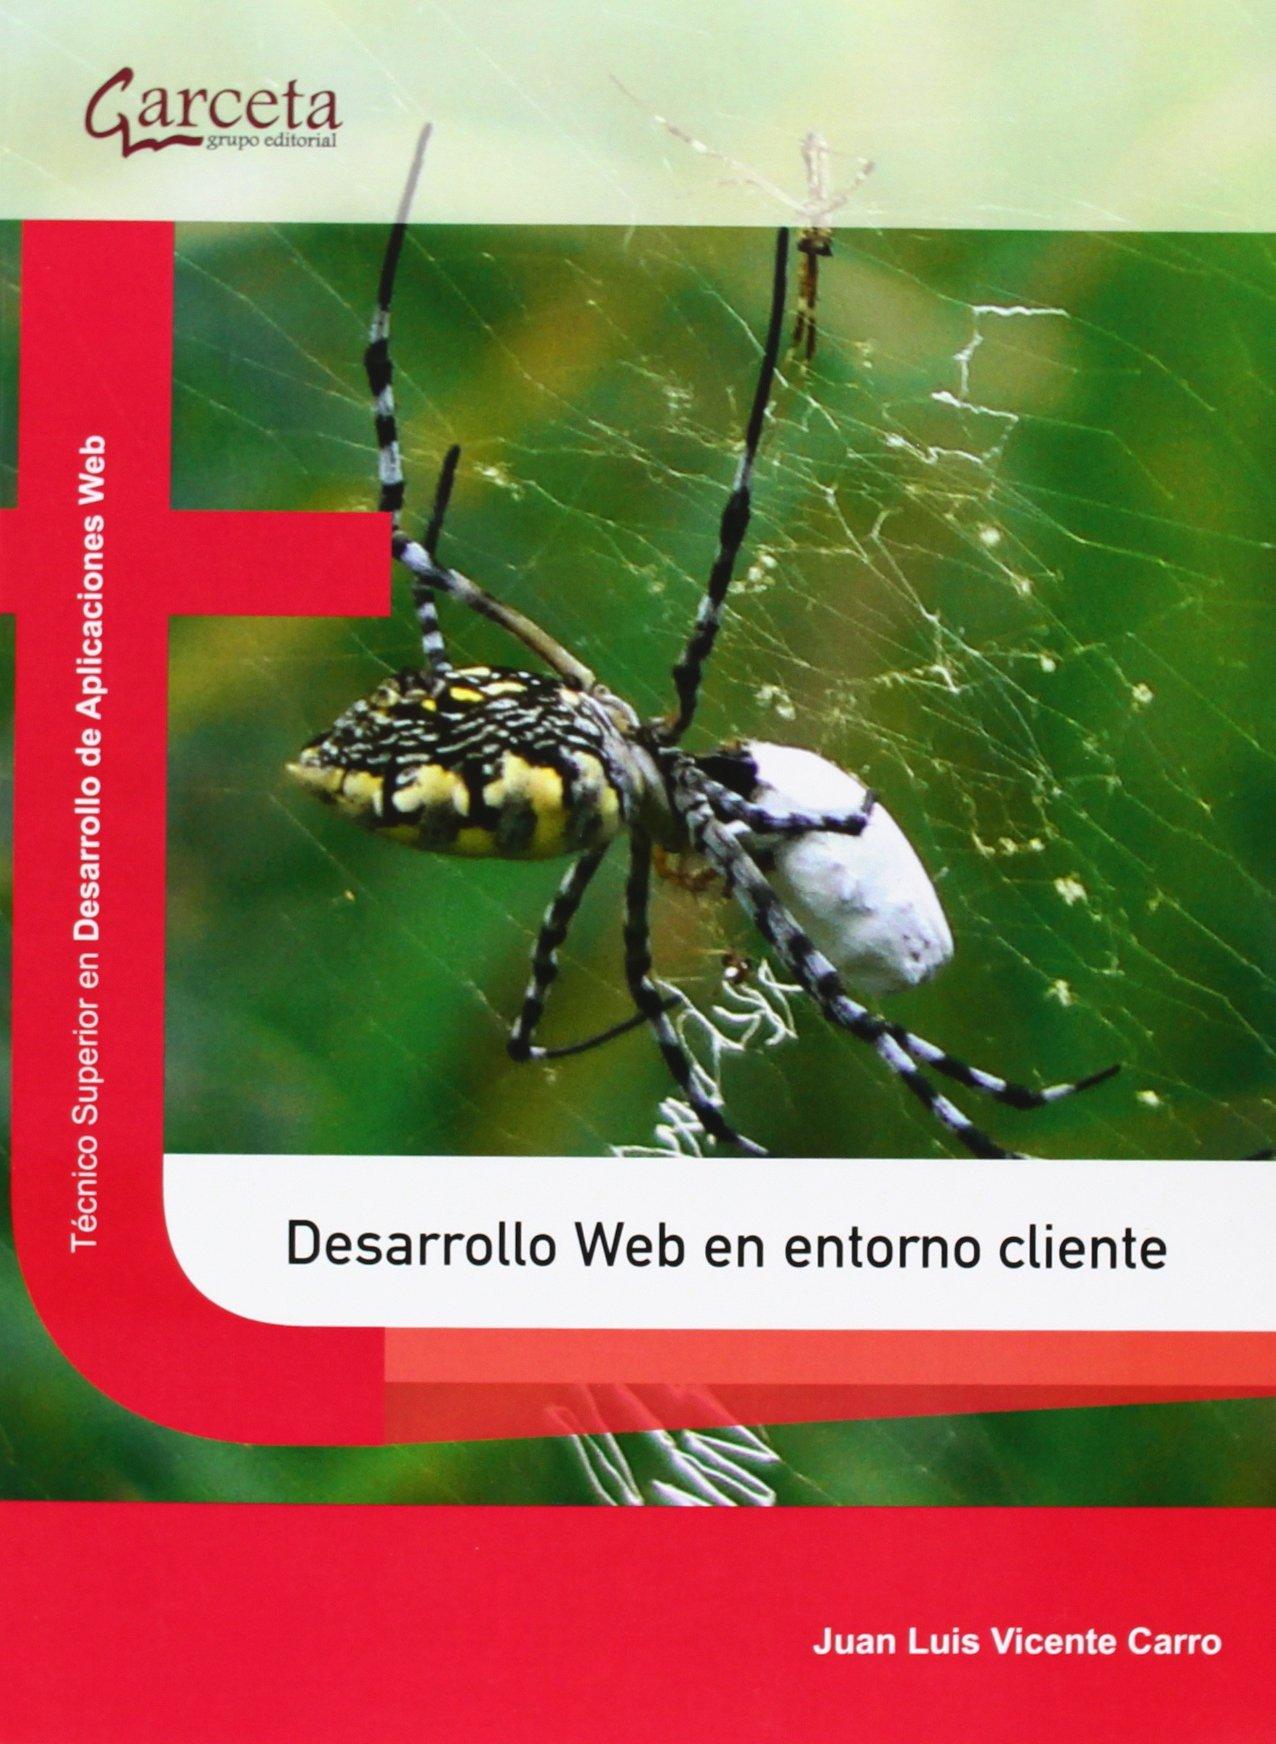 Desarrollo web en entorno cliente (Texto (garceta)) Tapa blanda – 8 sep 2013 Juan Luis Vicente Carro 8415452640 Programación de web